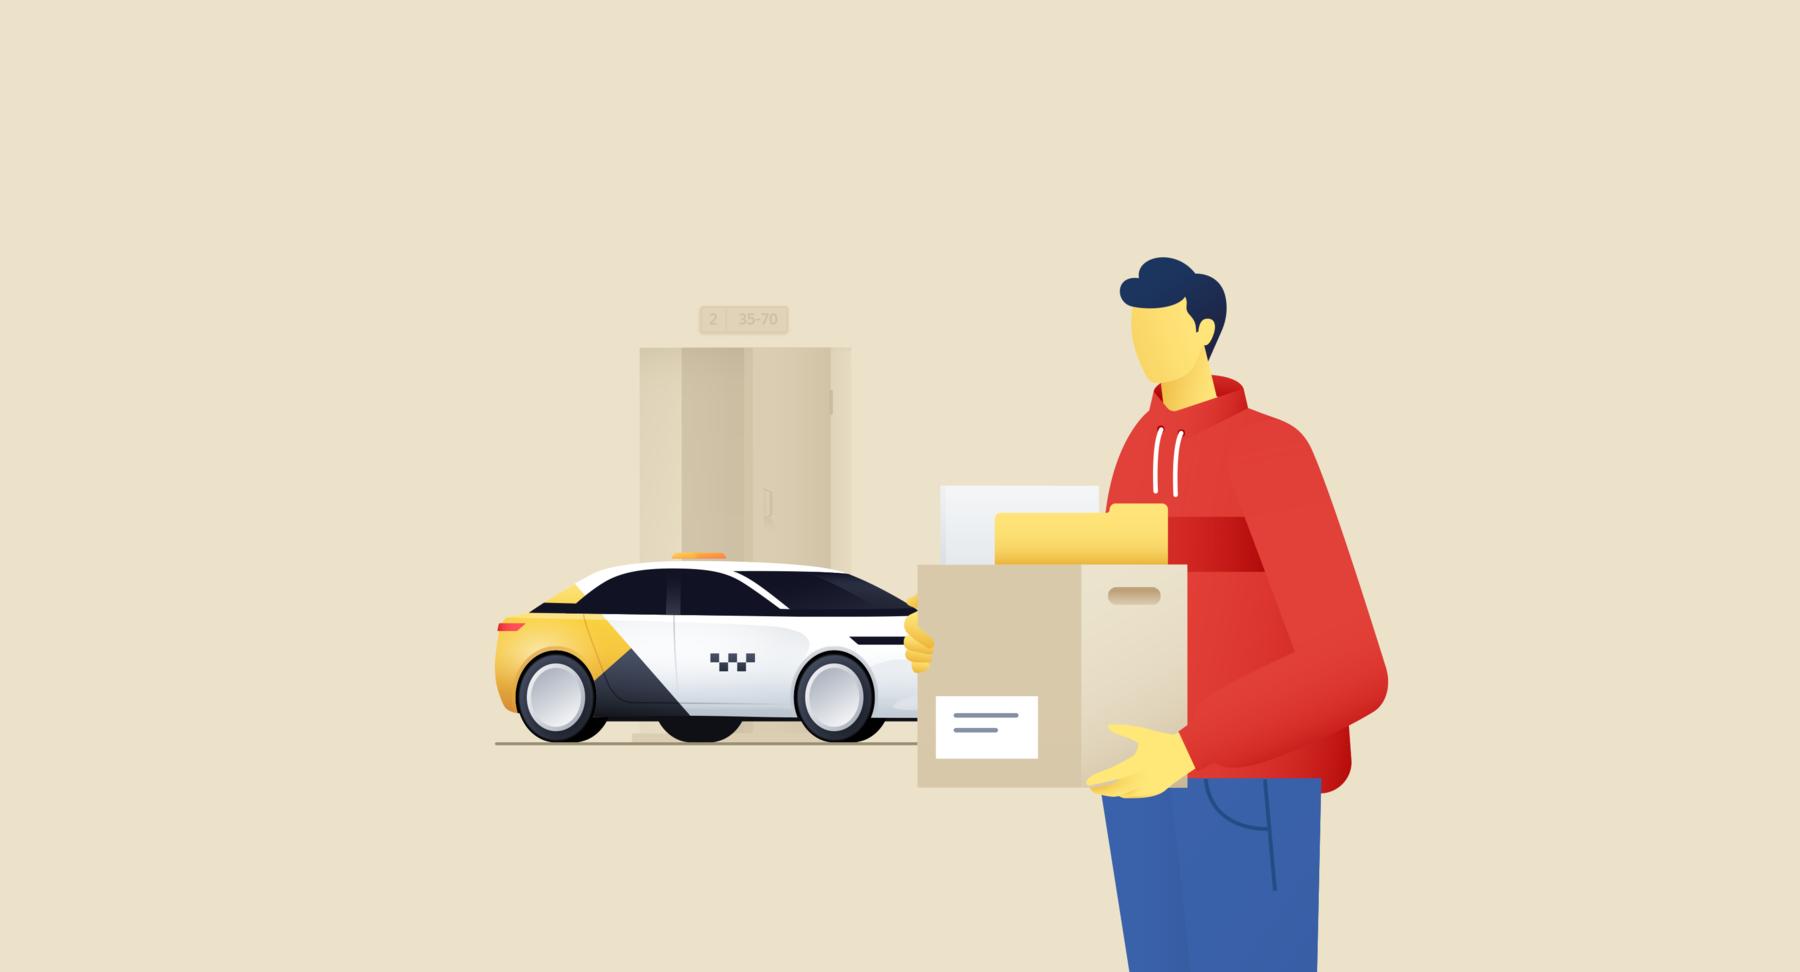 Как заказать в яндекс такси доставку сигарет где можно купить качественные сигареты